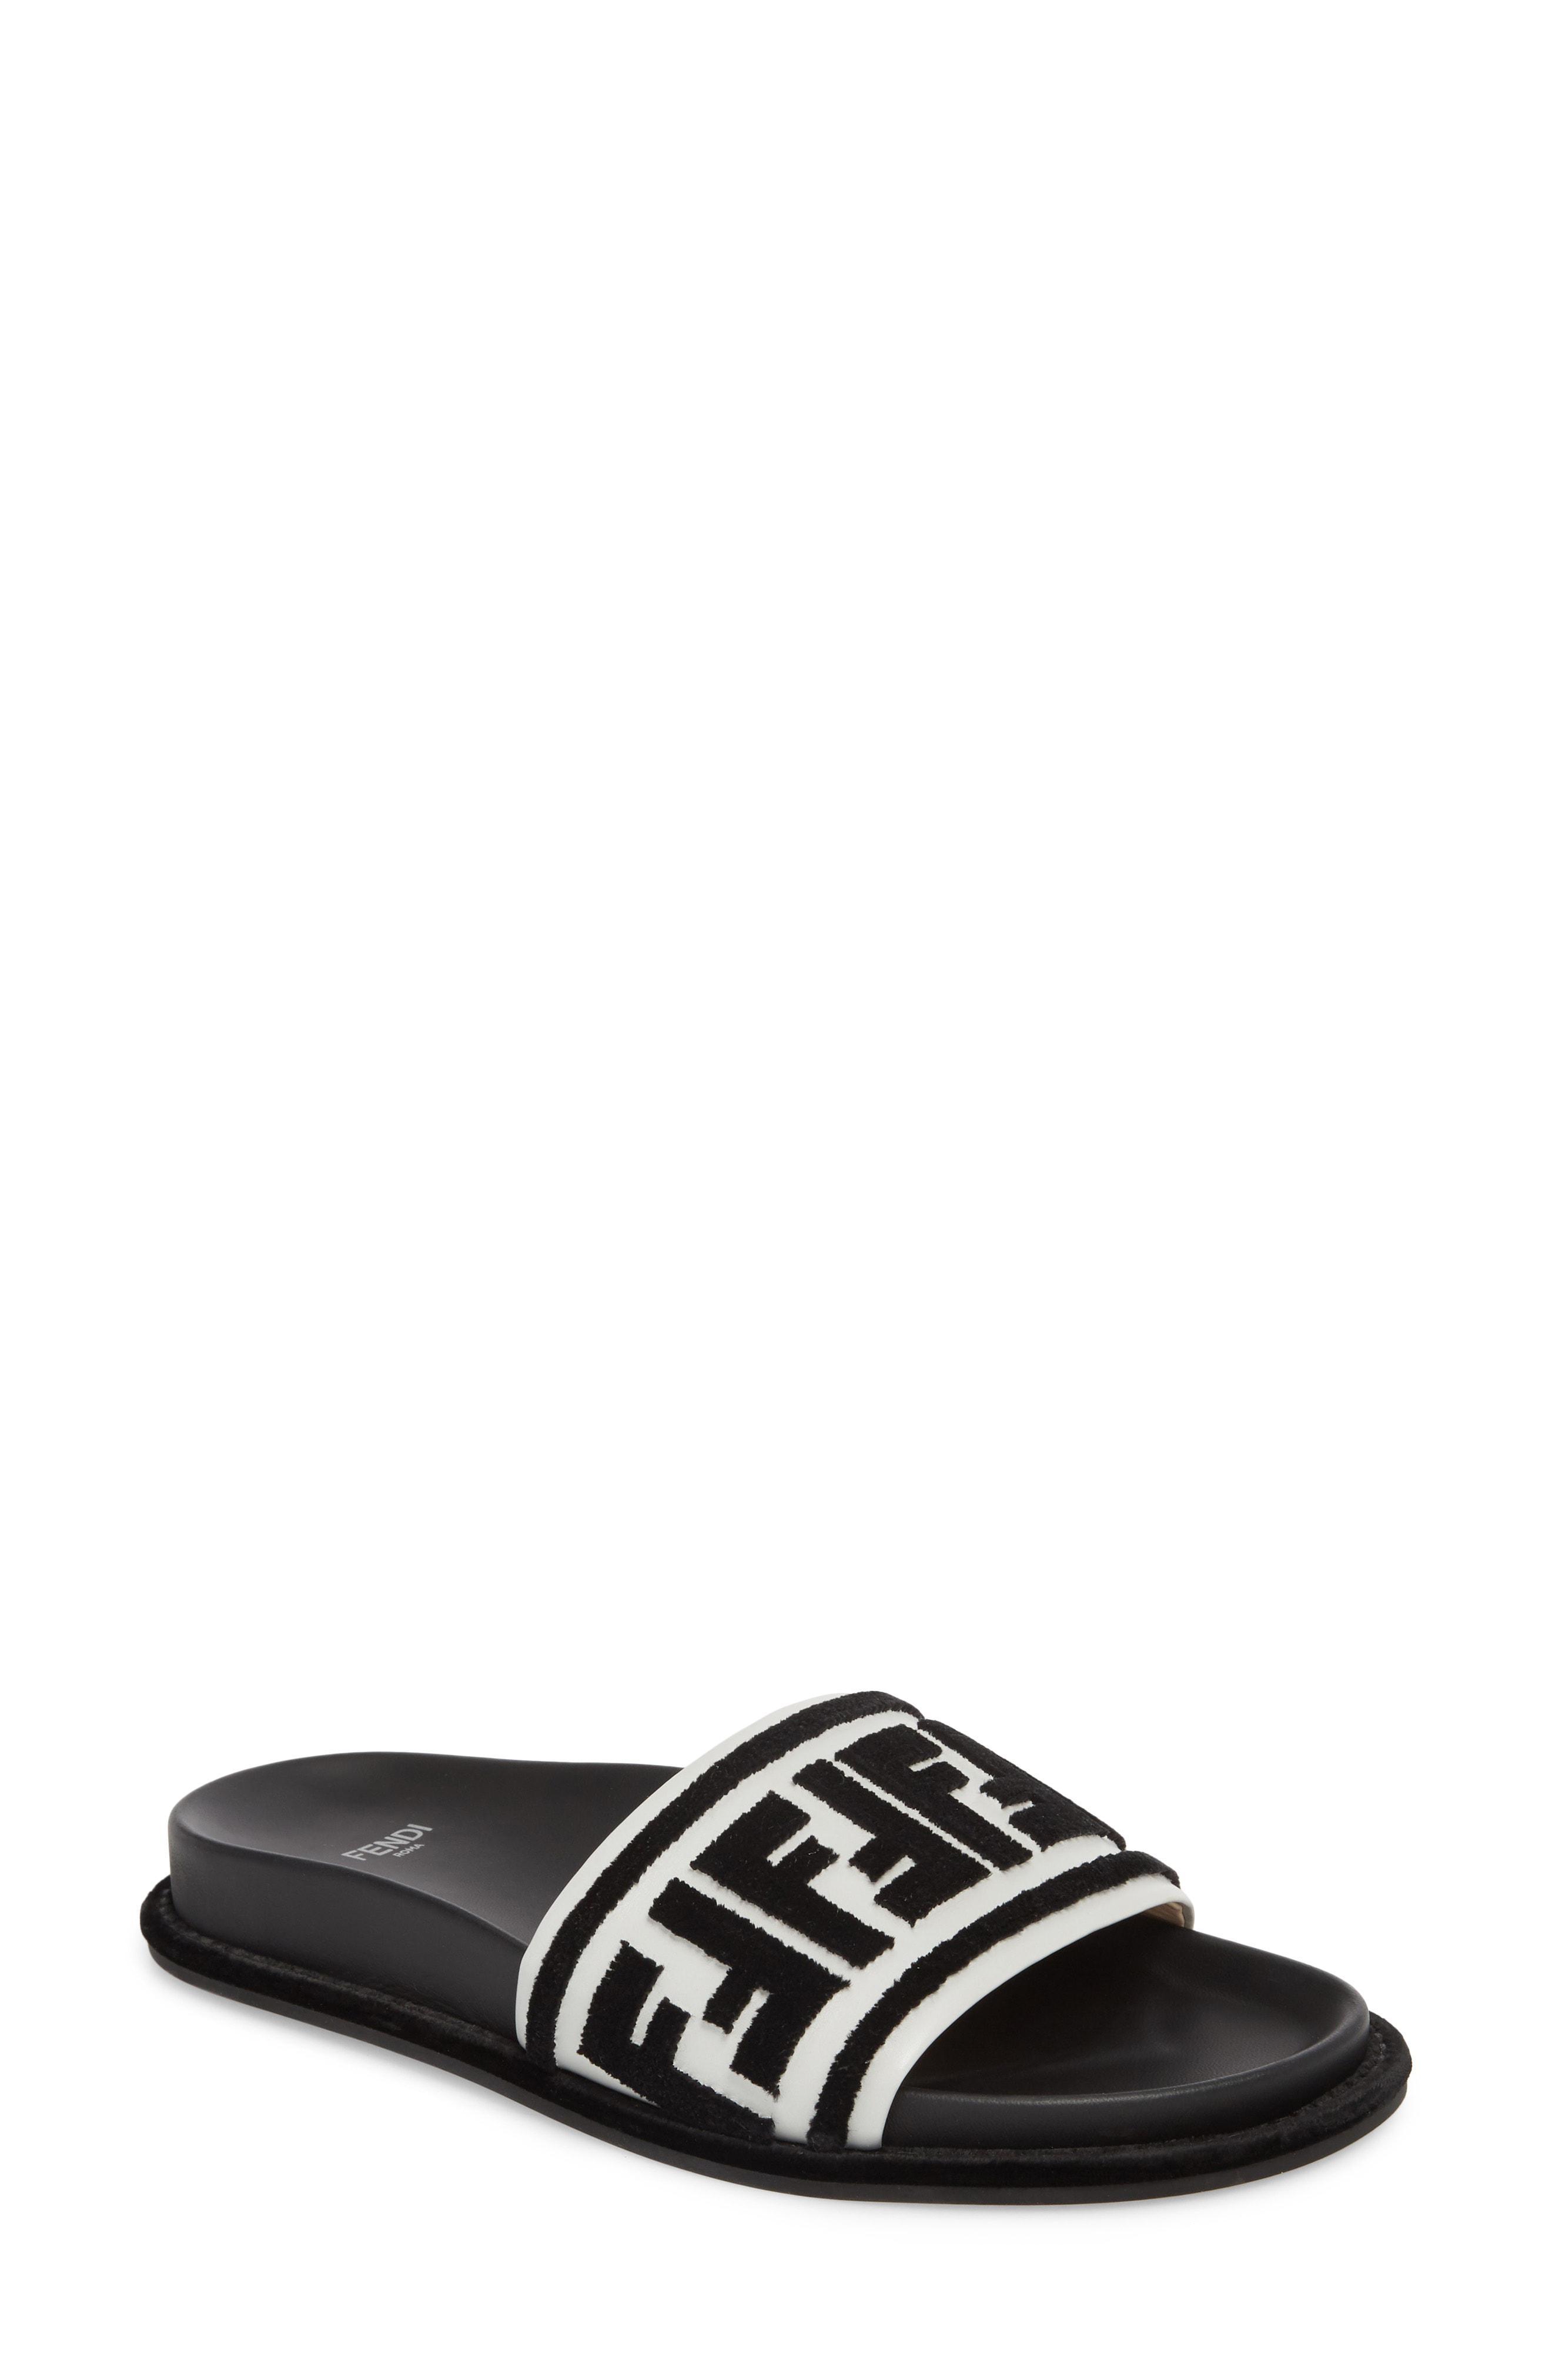 5f39a5a963e2 Lyst - Fendi Fun Logo Slide Sandal in Black